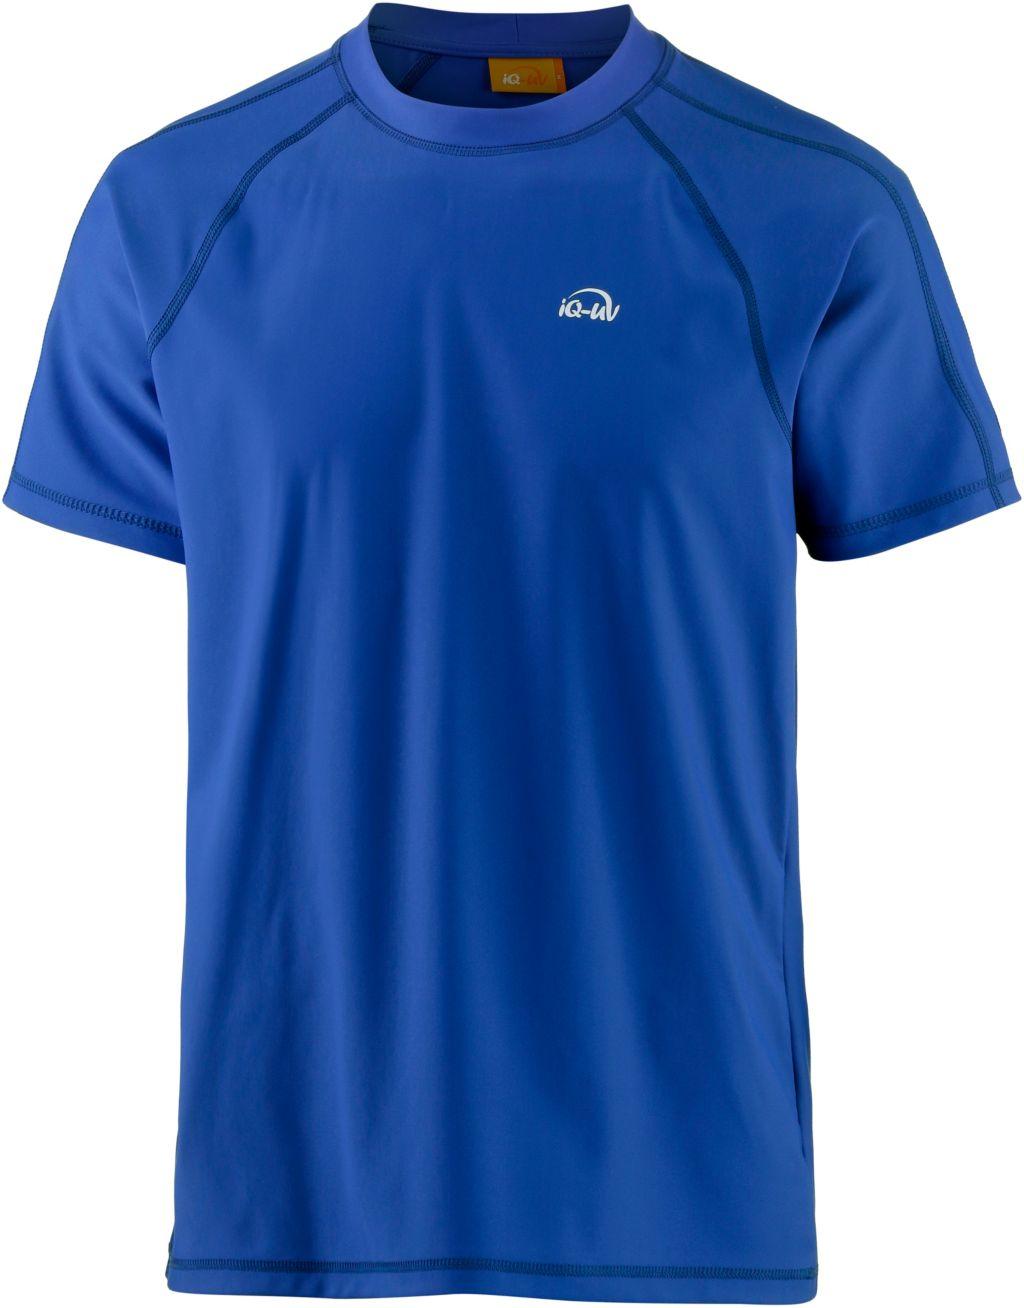 Surf Shirt Herren in blau, Größe S